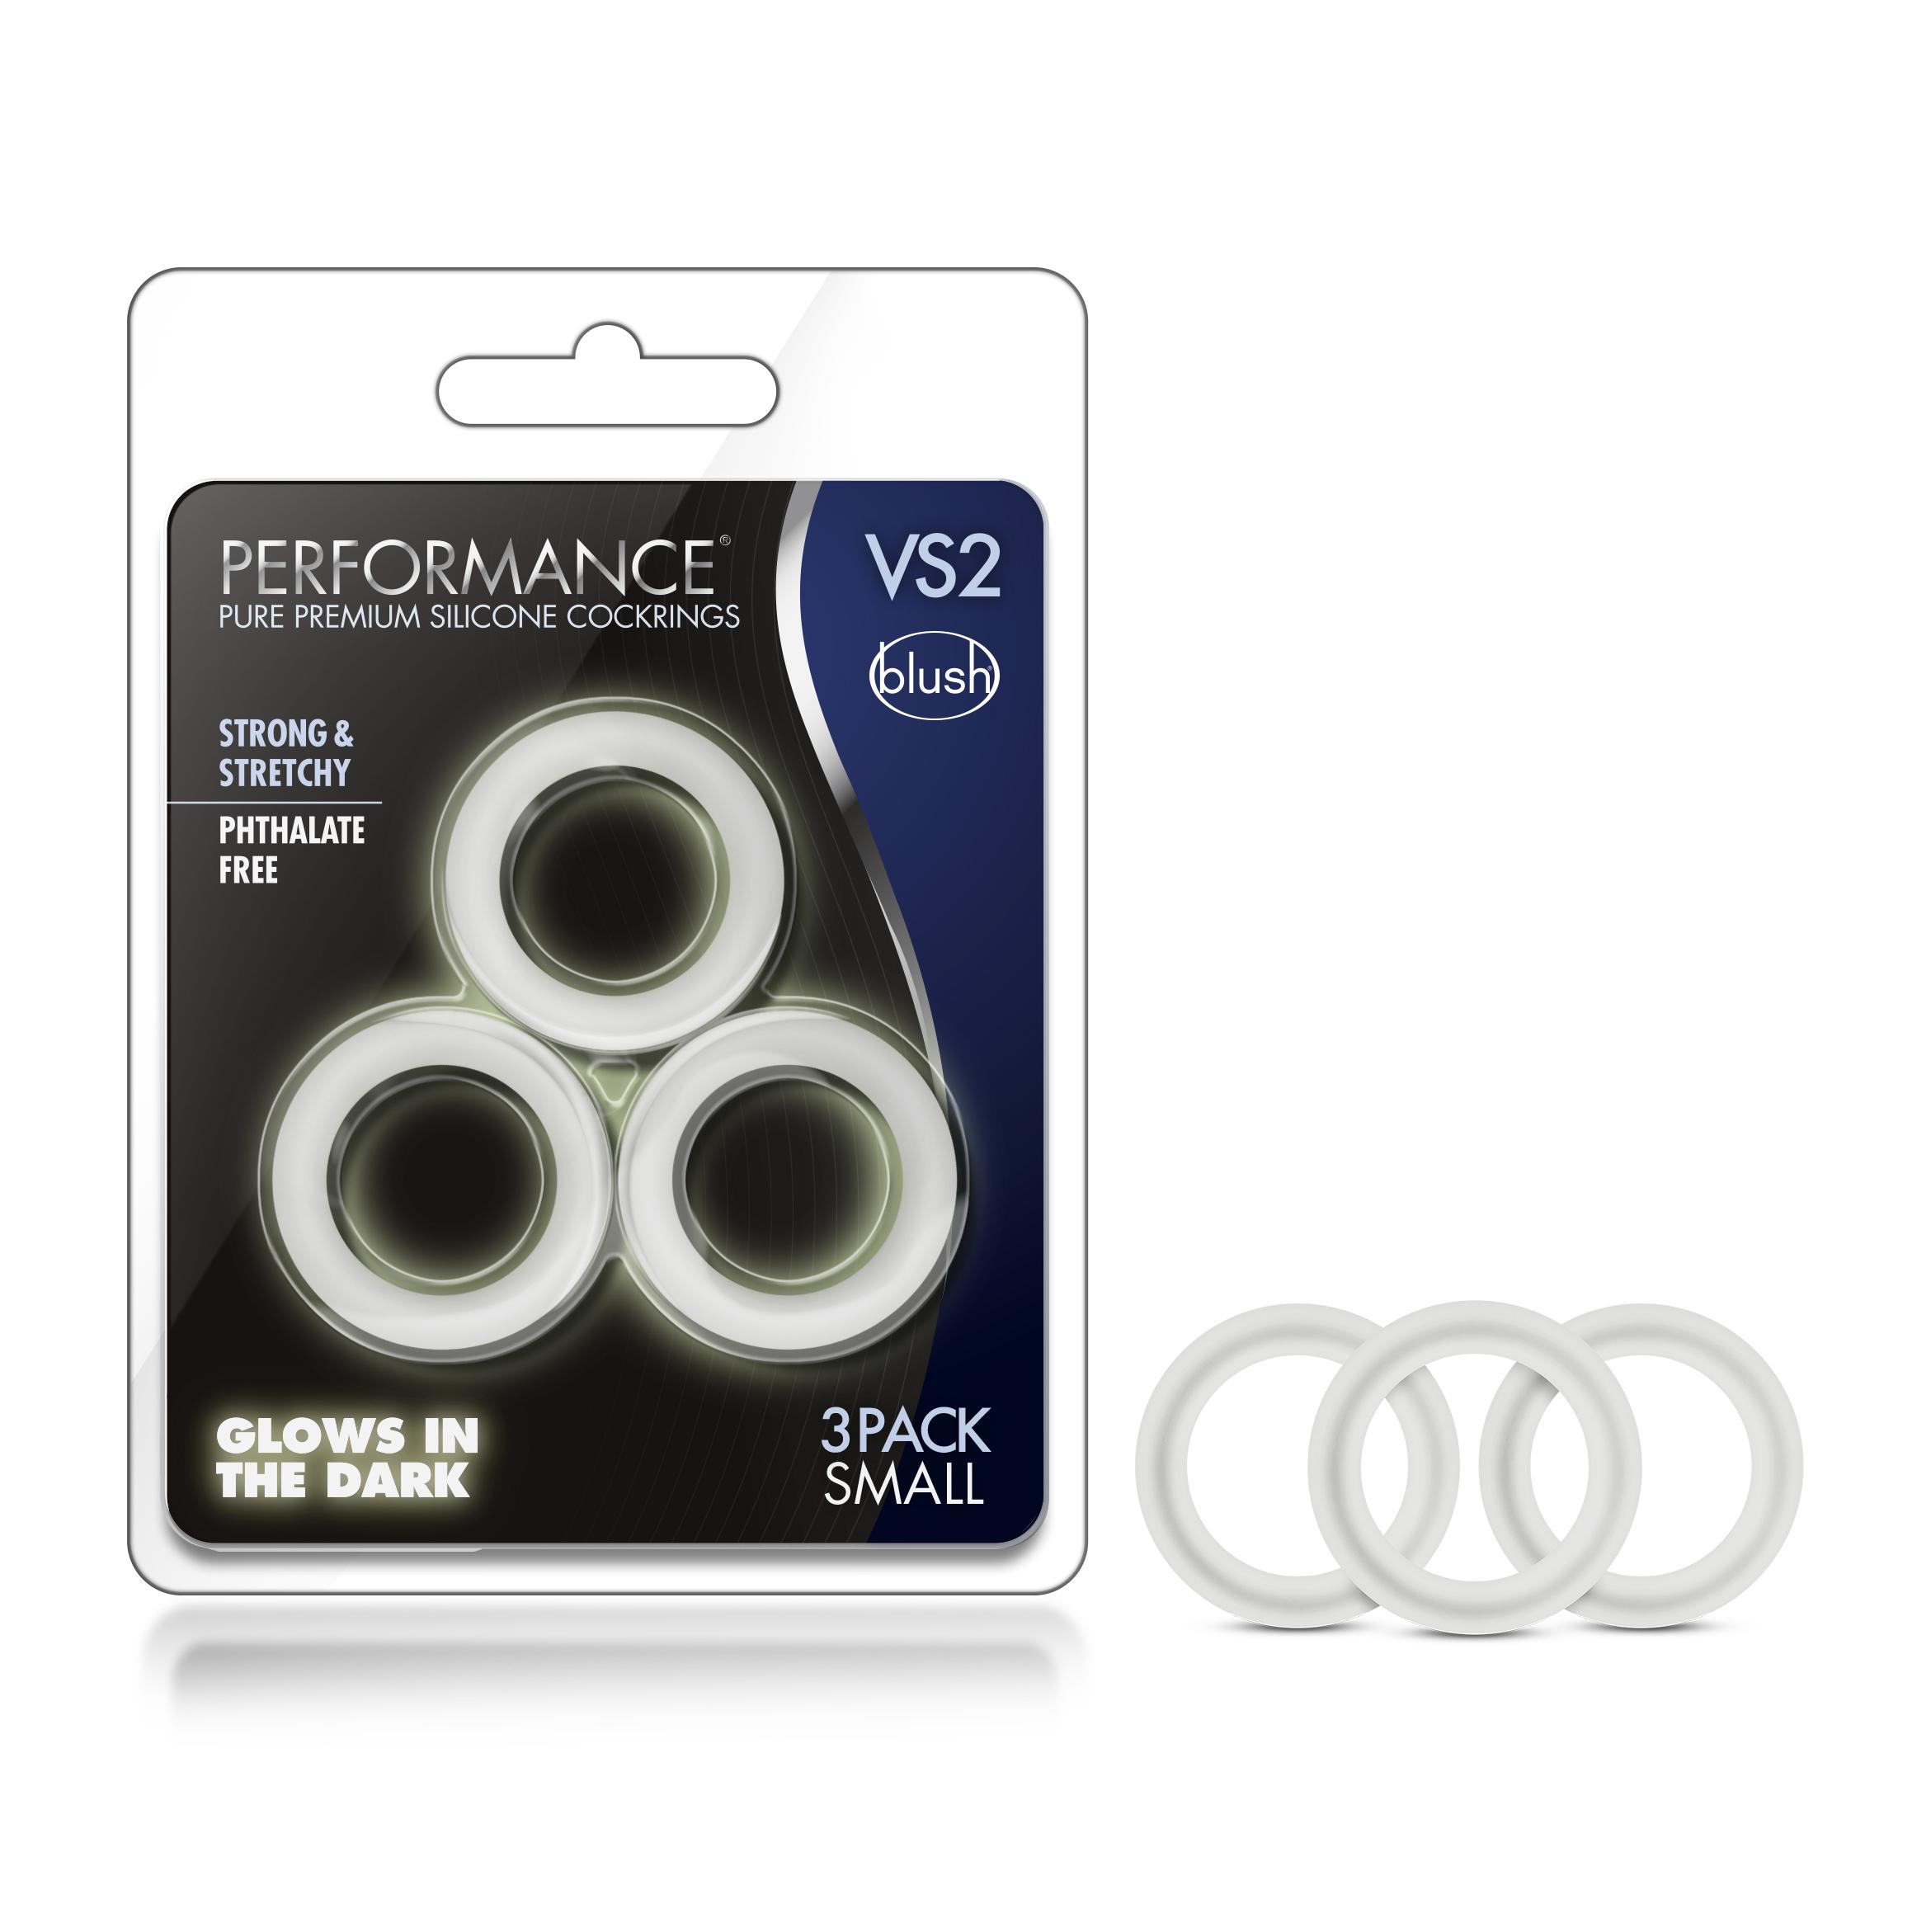 Performance - VS2 Pure Premium Silicone Cock Rings - Small - White